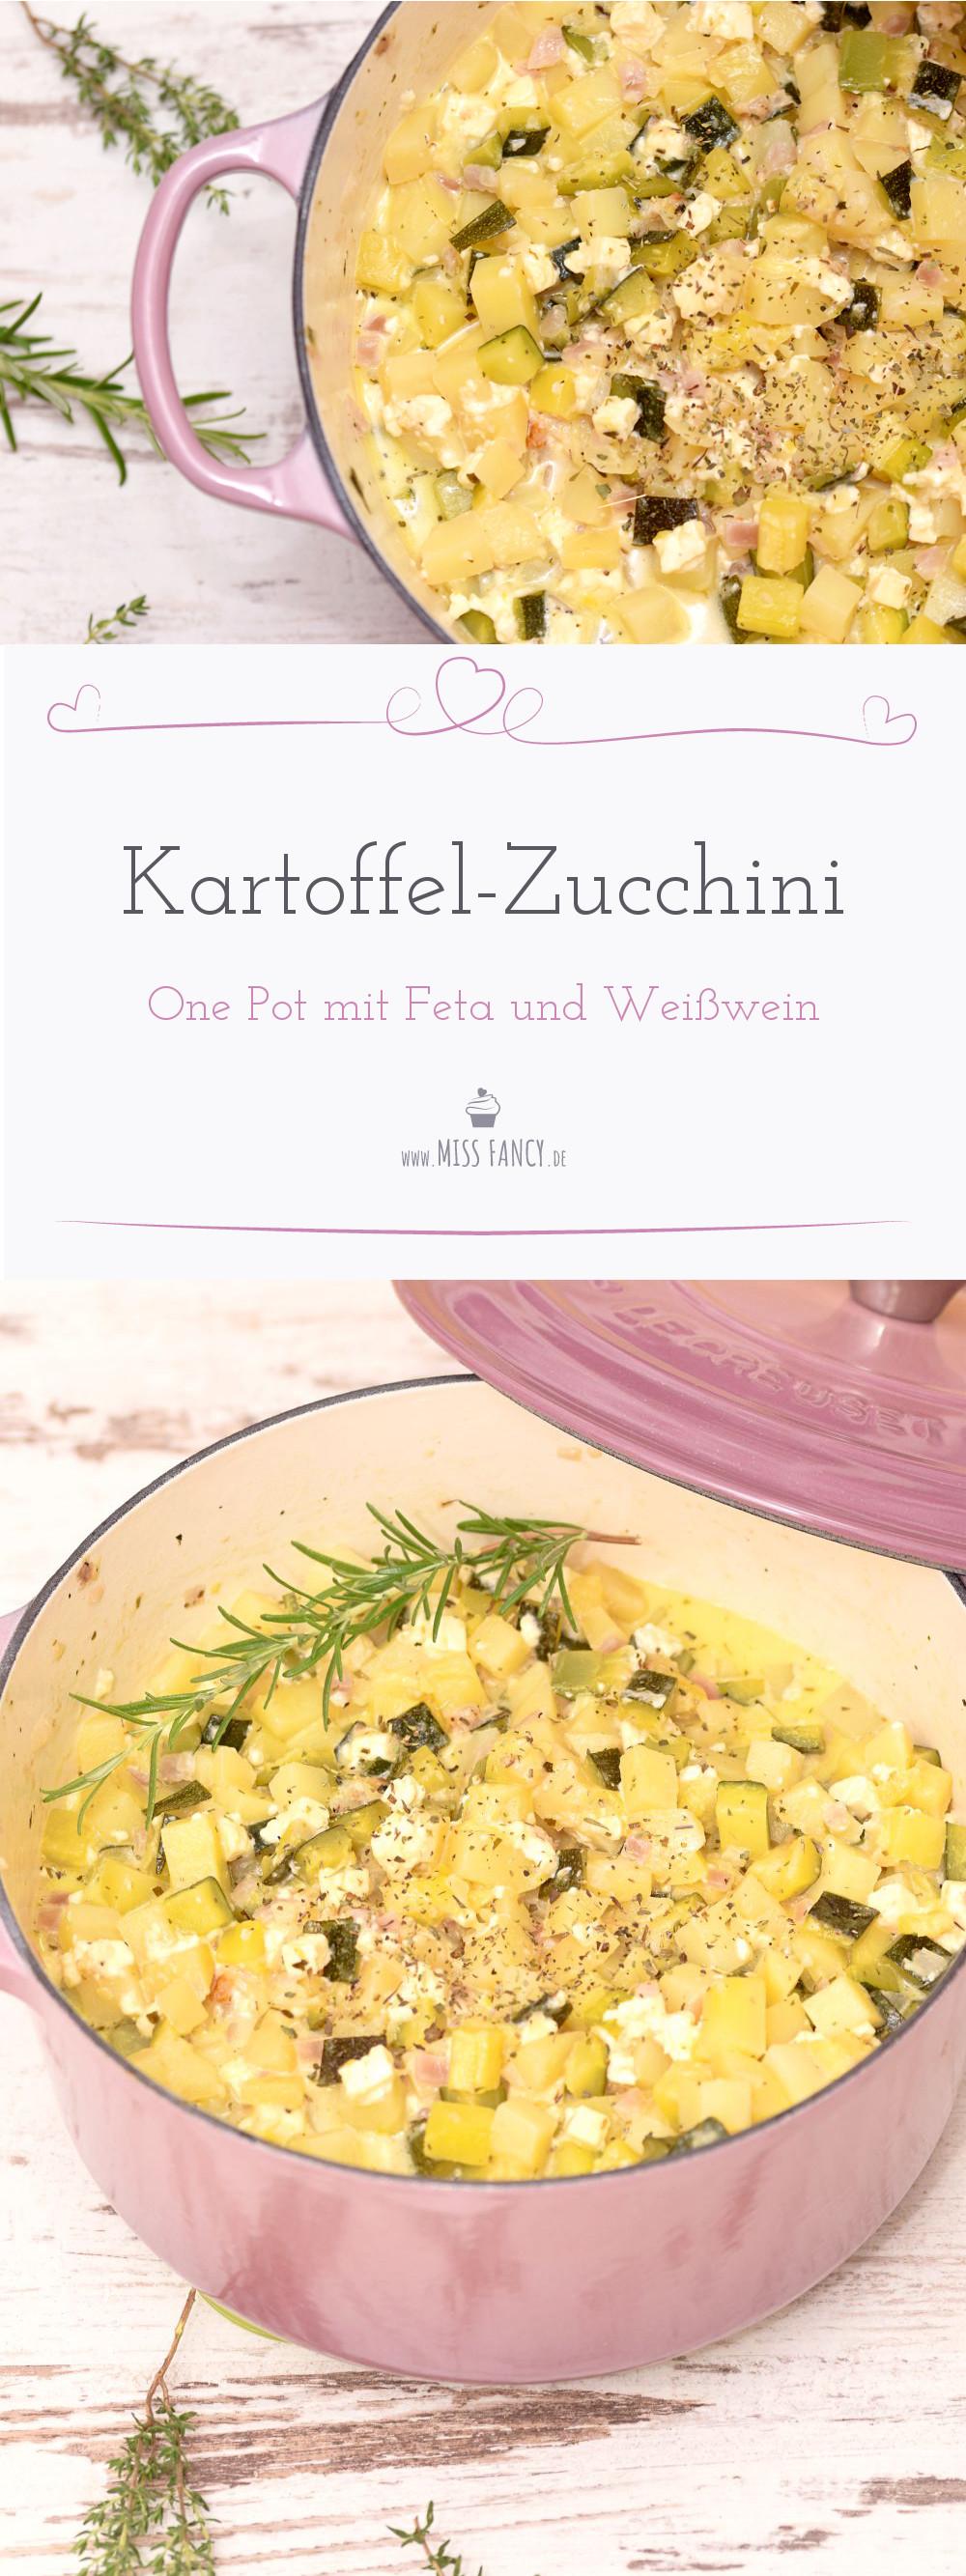 Rezept-Kartoffel-Zucchini-one-pot-missfancy